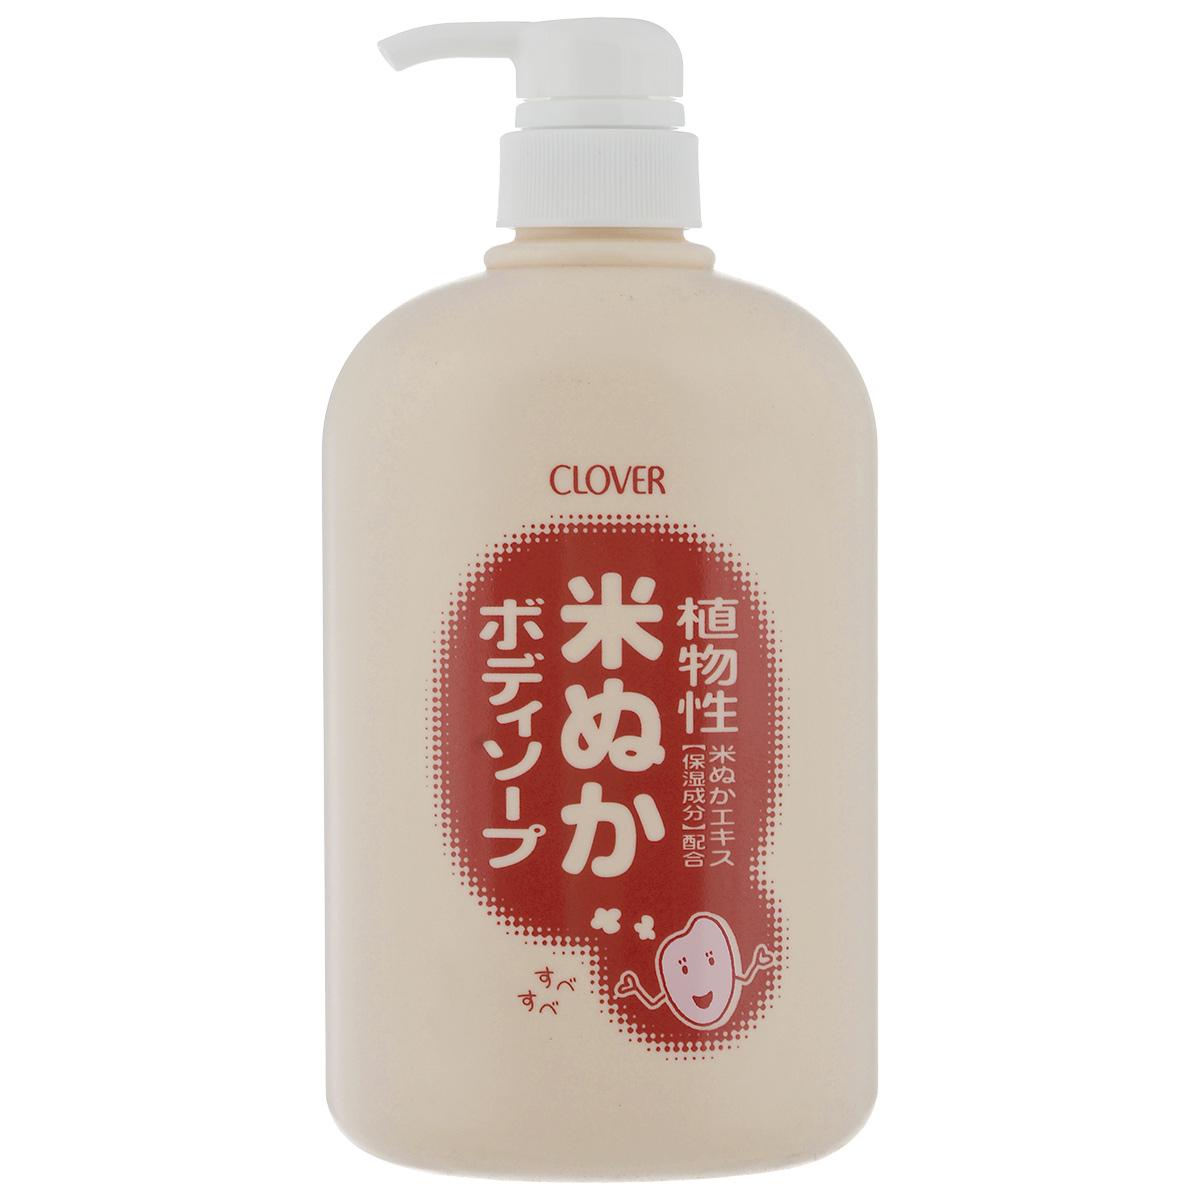 Clover Увлажняющее жидкое мыло для тела с экстрактом риса 800мл601013Мягкое жидкое мыло для тела невероятно нежно к коже. Идеально подойдет для чувствительной и детской кожи. Натуральные природные компоненты заботливо ухаживают за Вашей кожей. Мягко очистят поры, окажут мощное увлажняющее действие. Экстракт риса является богатейшим источником протеинов, витаминов В и антиоксидантов, которые эффективно действуют в борьбе со свободными радикалами. Интенсивно увлажняет и раглаживает кожу.